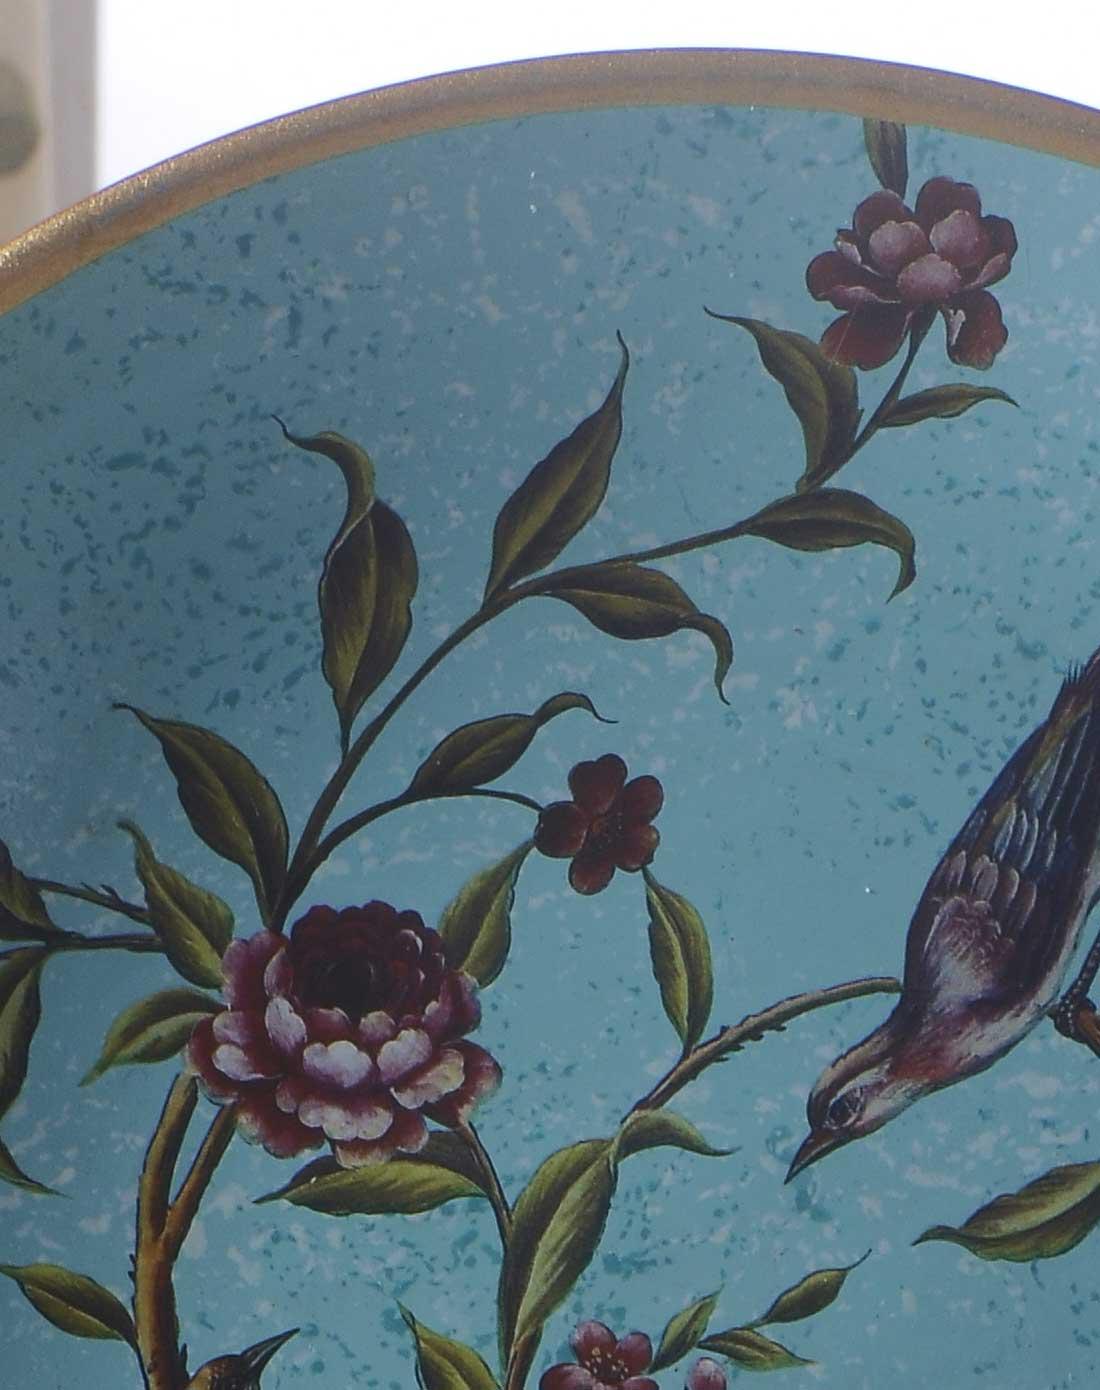 鸟语花香手绘装饰盘